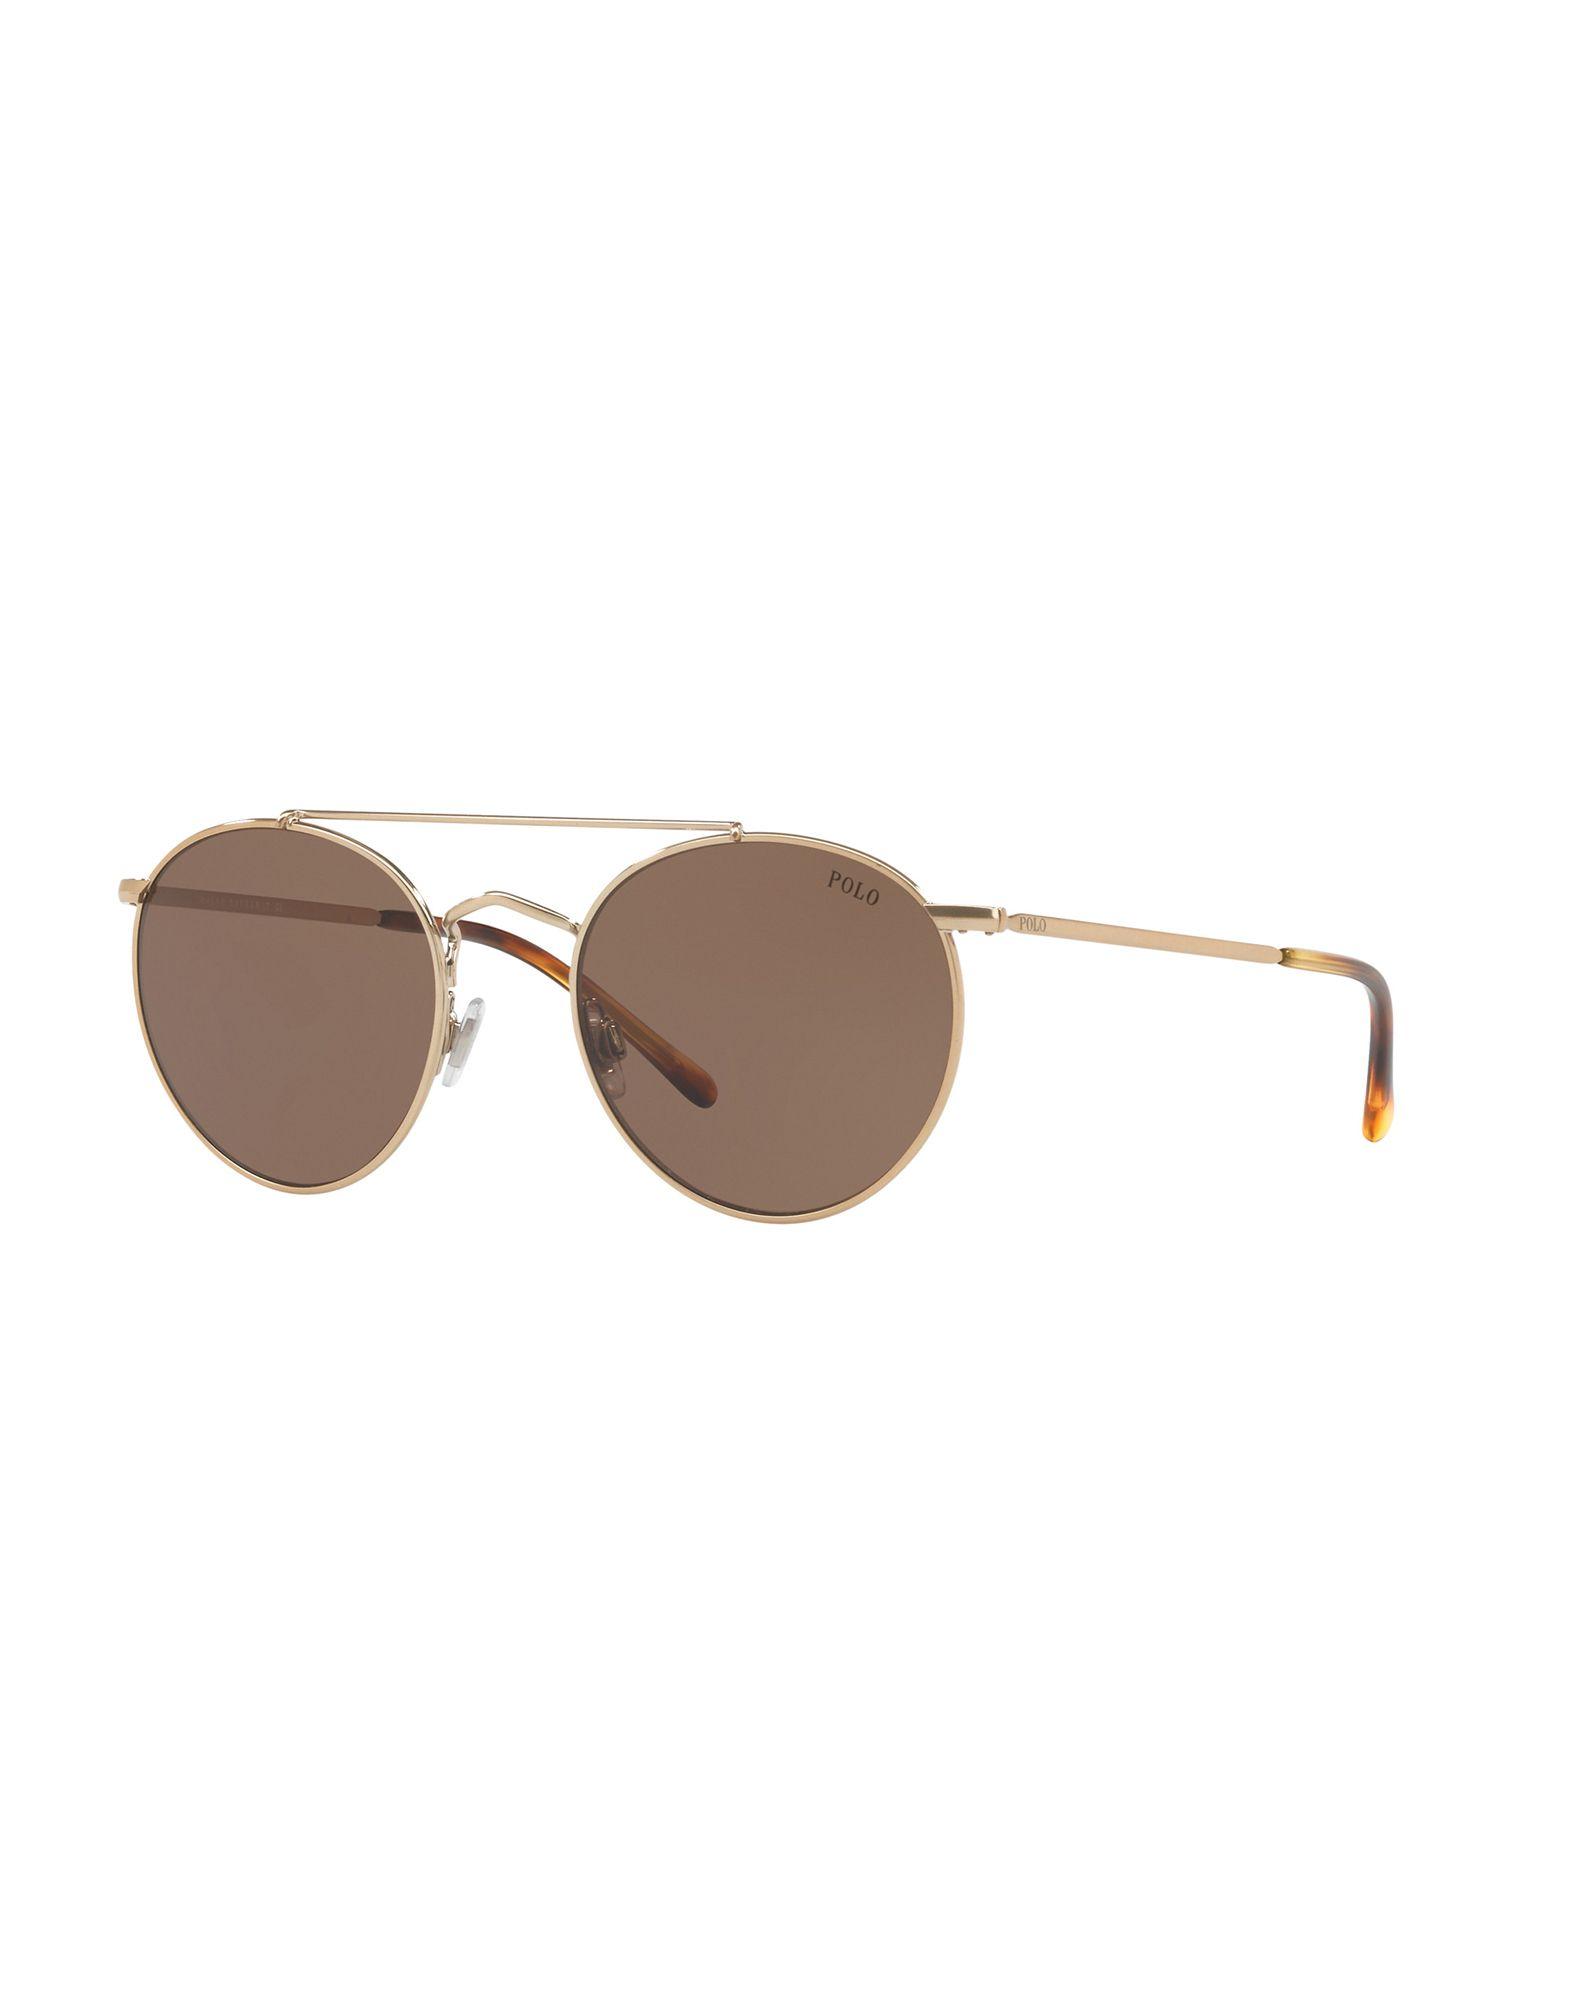 Occhiali Da Sole Polo Ralph Lauren Ph3114 - Uomo - Acquista online su